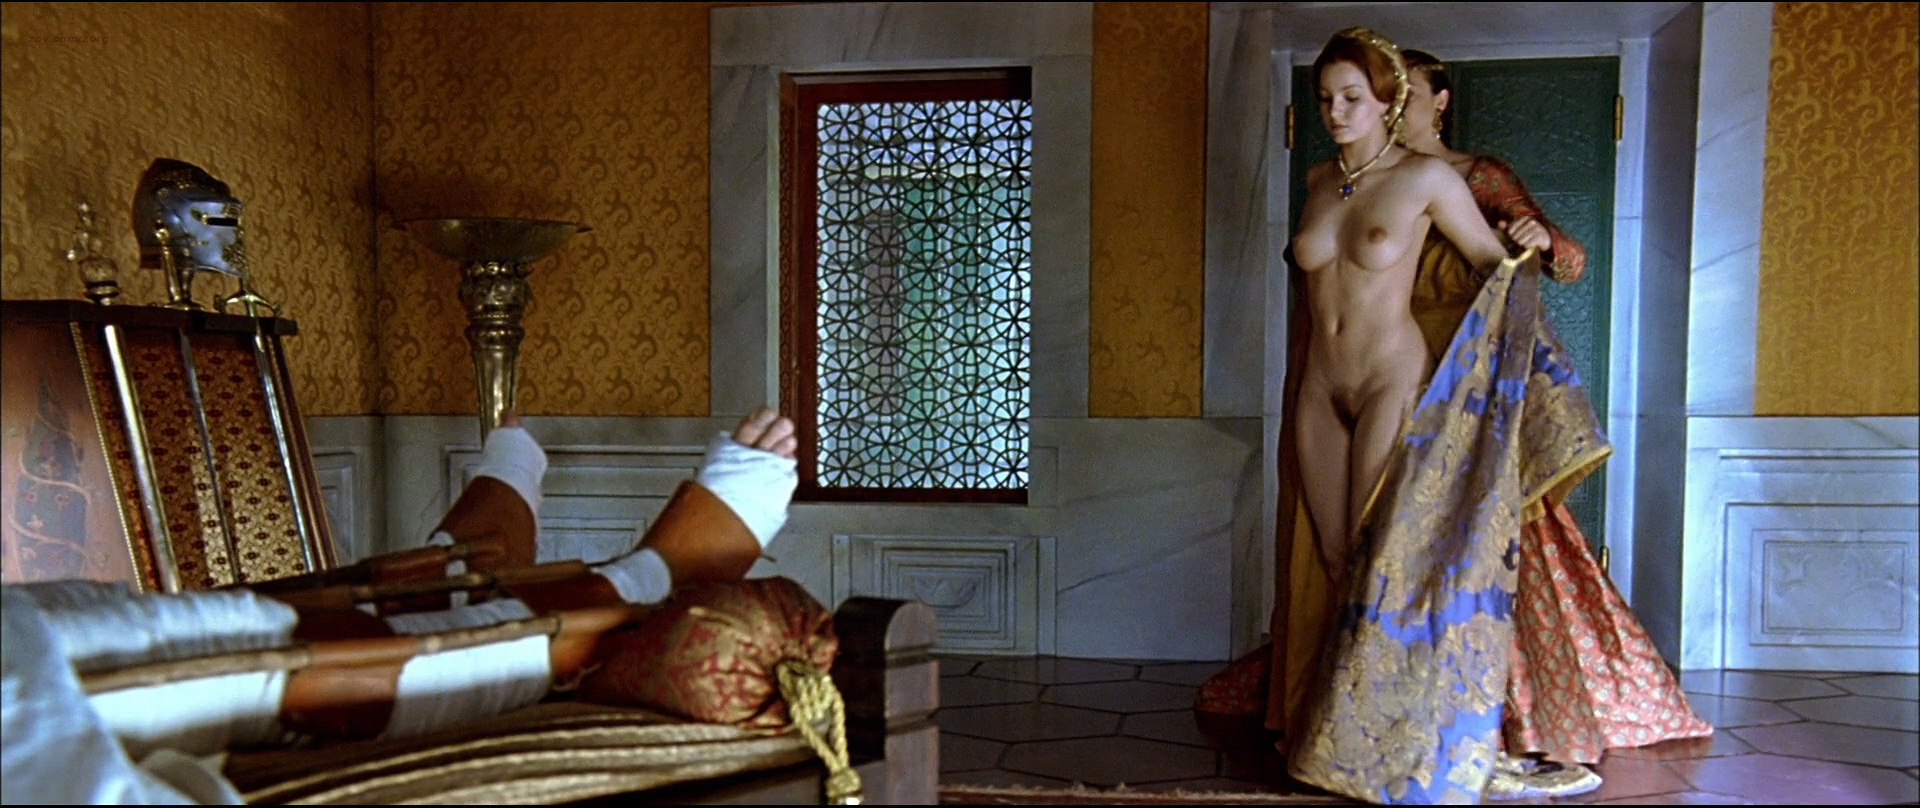 srednevekovie-filmi-s-eroticheskimi-stsenami